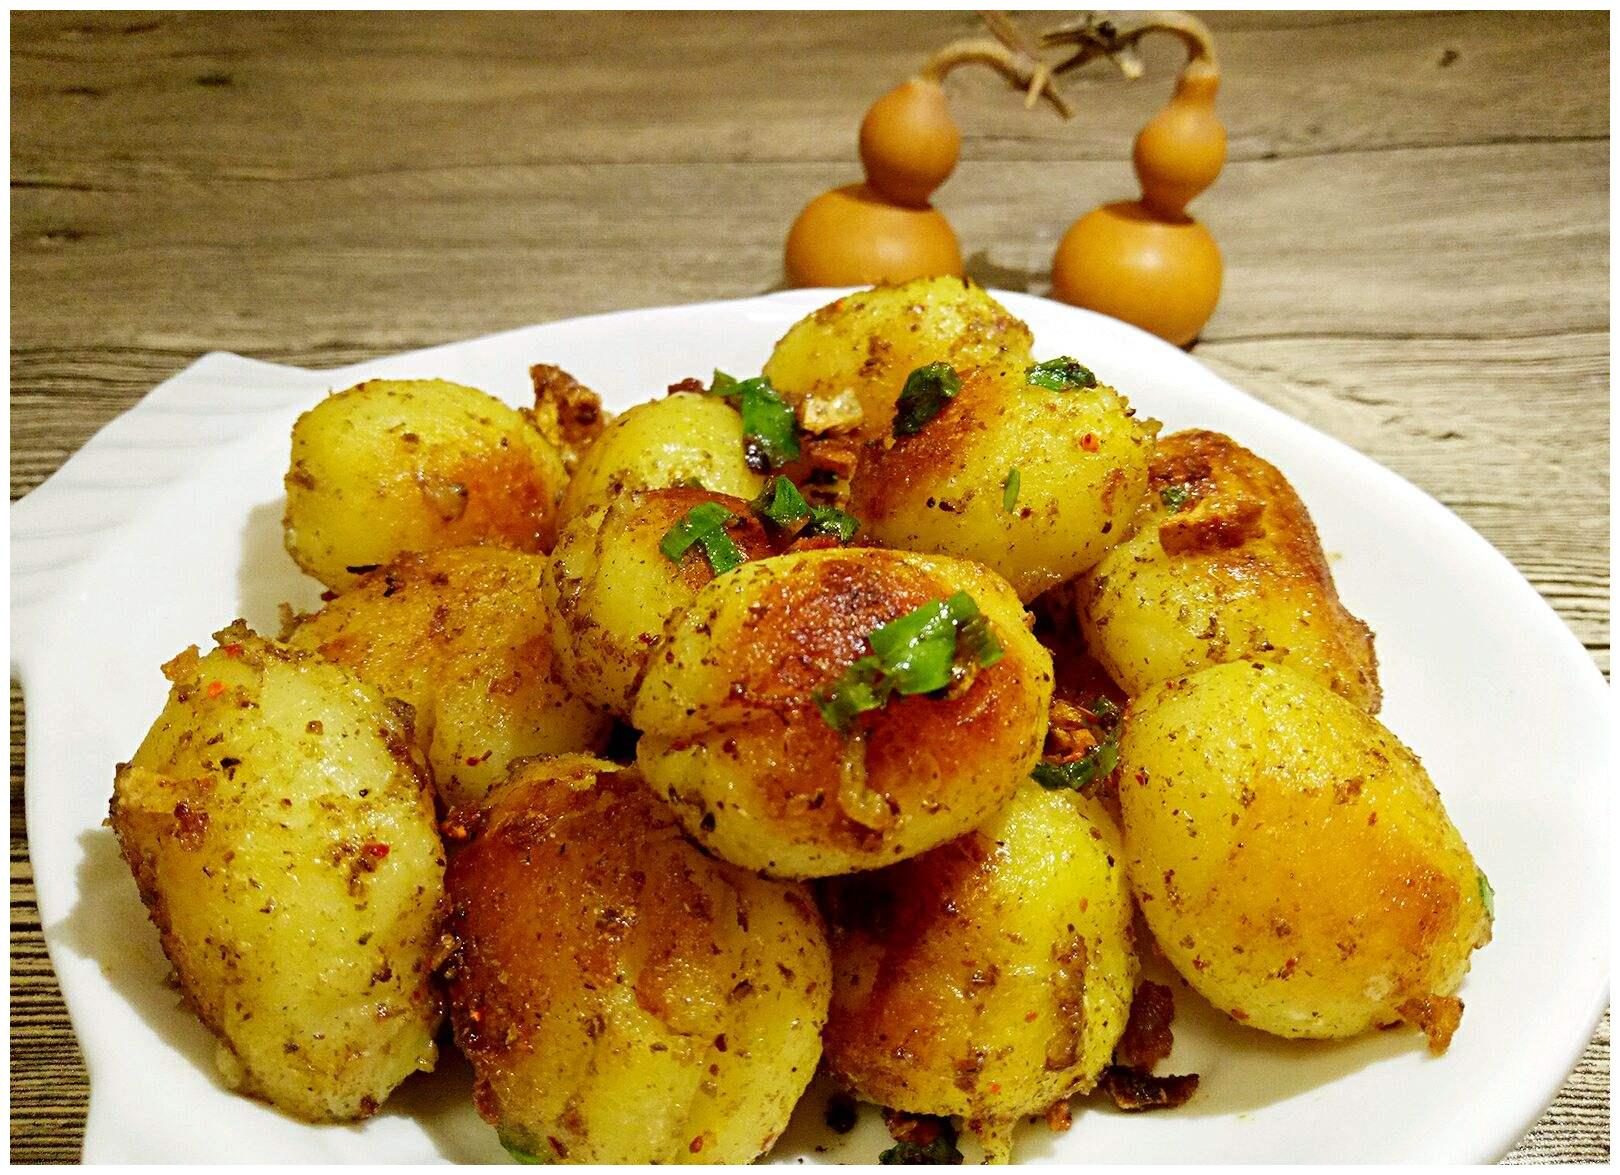 当土豆遇上孜然和香蒜 平淡无奇瞬间华丽丽变身烧烤美味